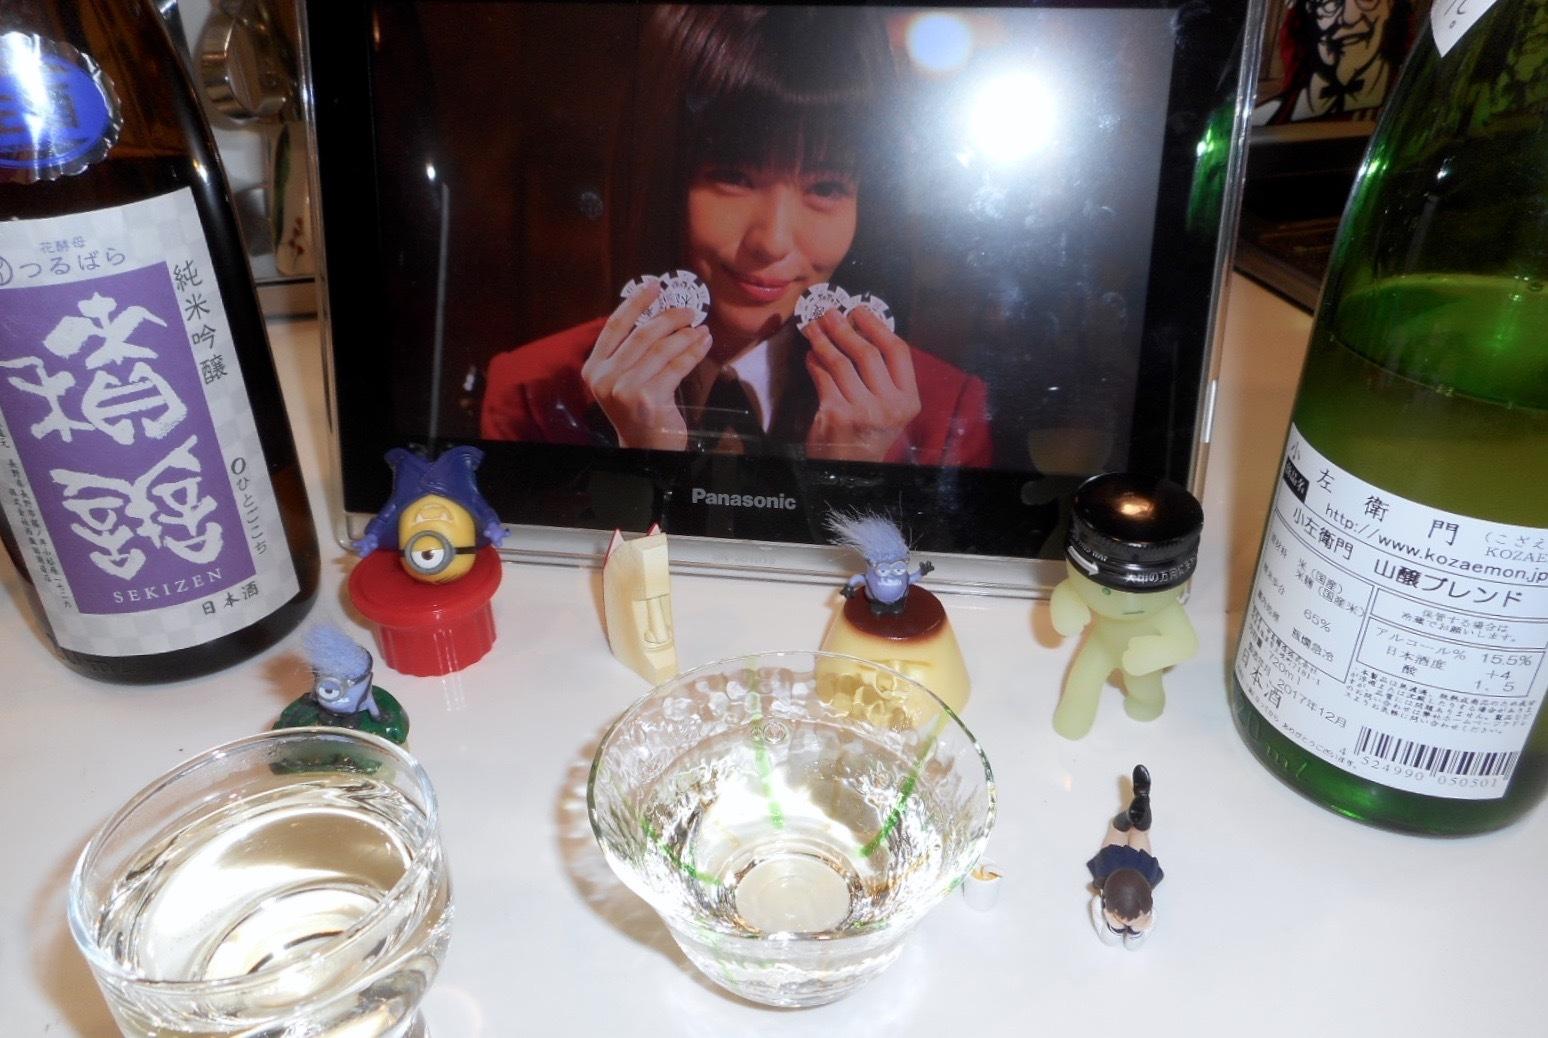 kozaemon_yamajou28by5.jpg